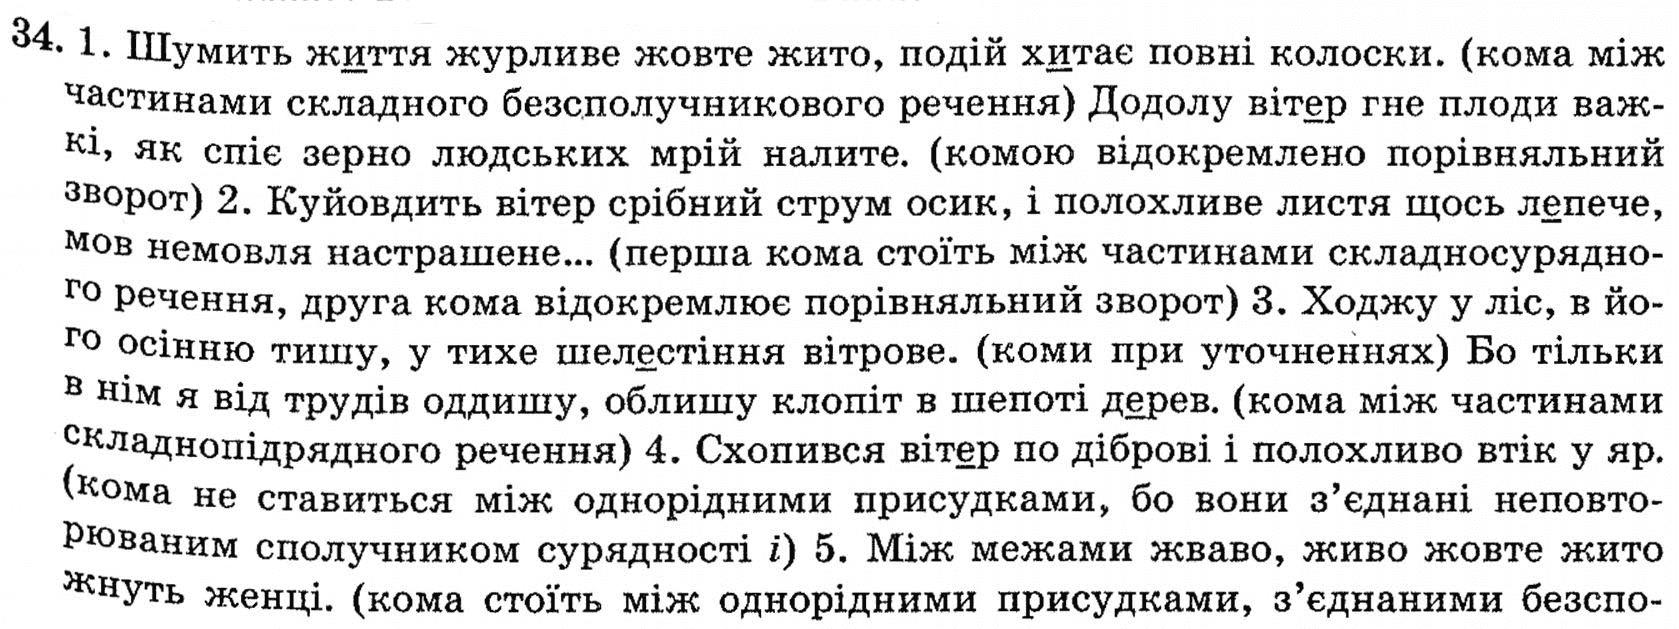 гдз 8 українська мова глазова 2018